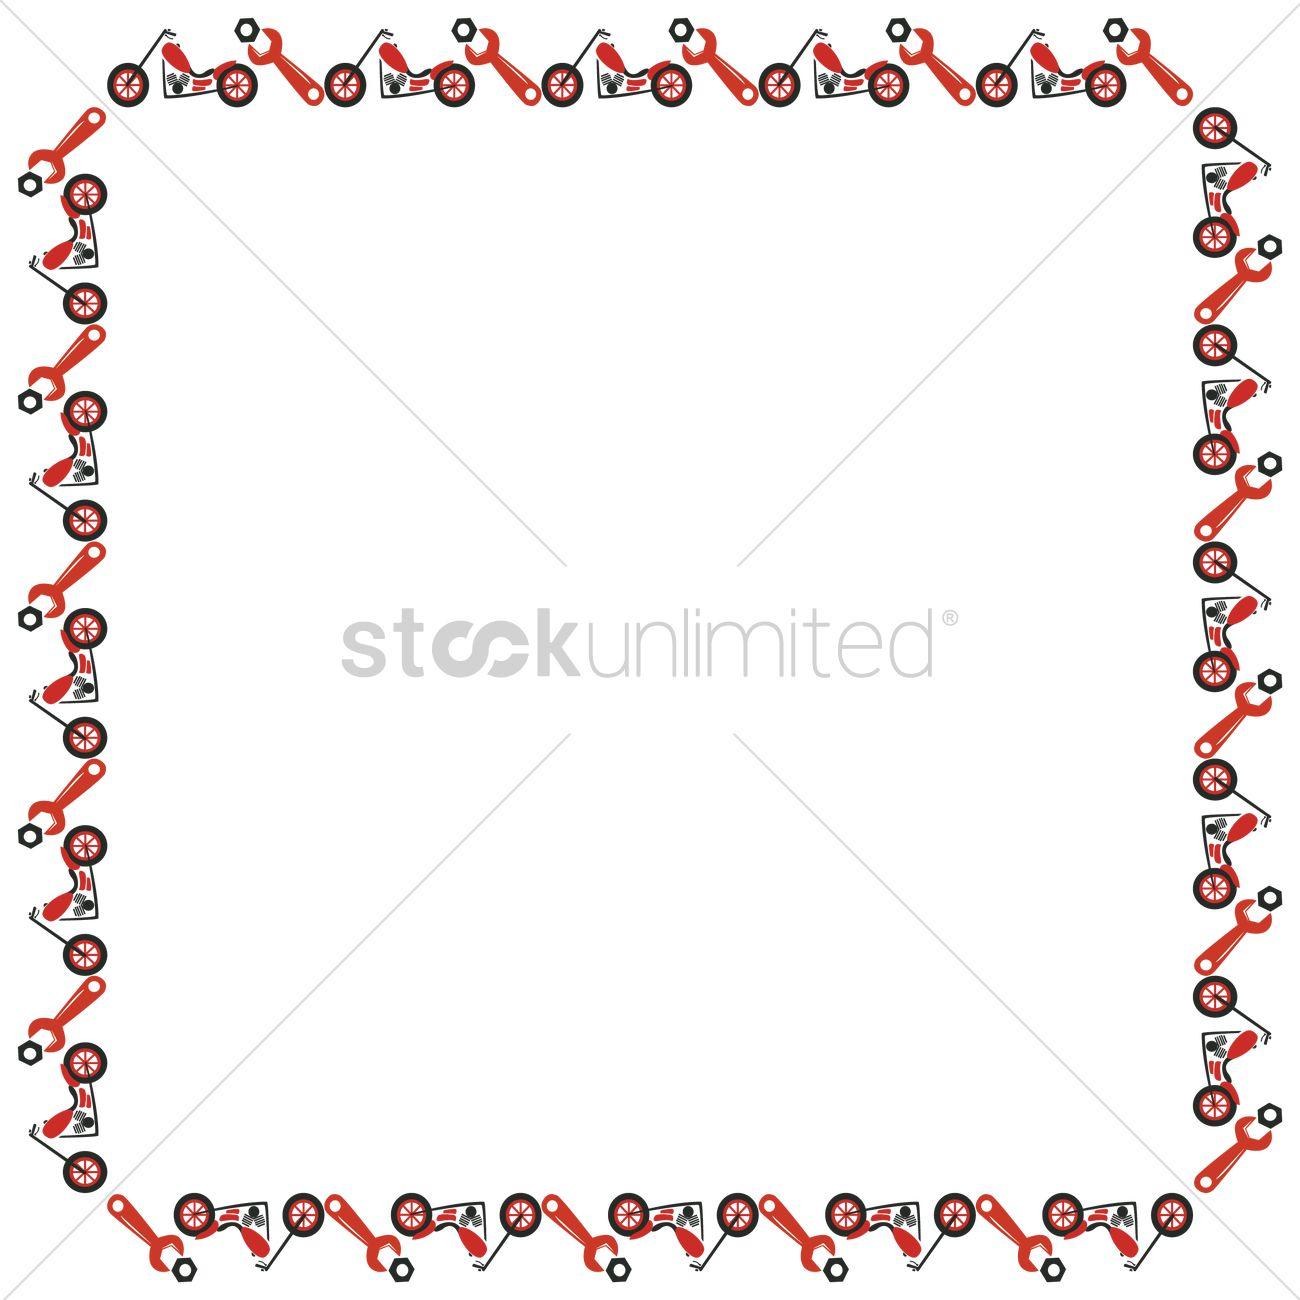 motorbike pattern frame border vector image 1353614 stockunlimited. Black Bedroom Furniture Sets. Home Design Ideas